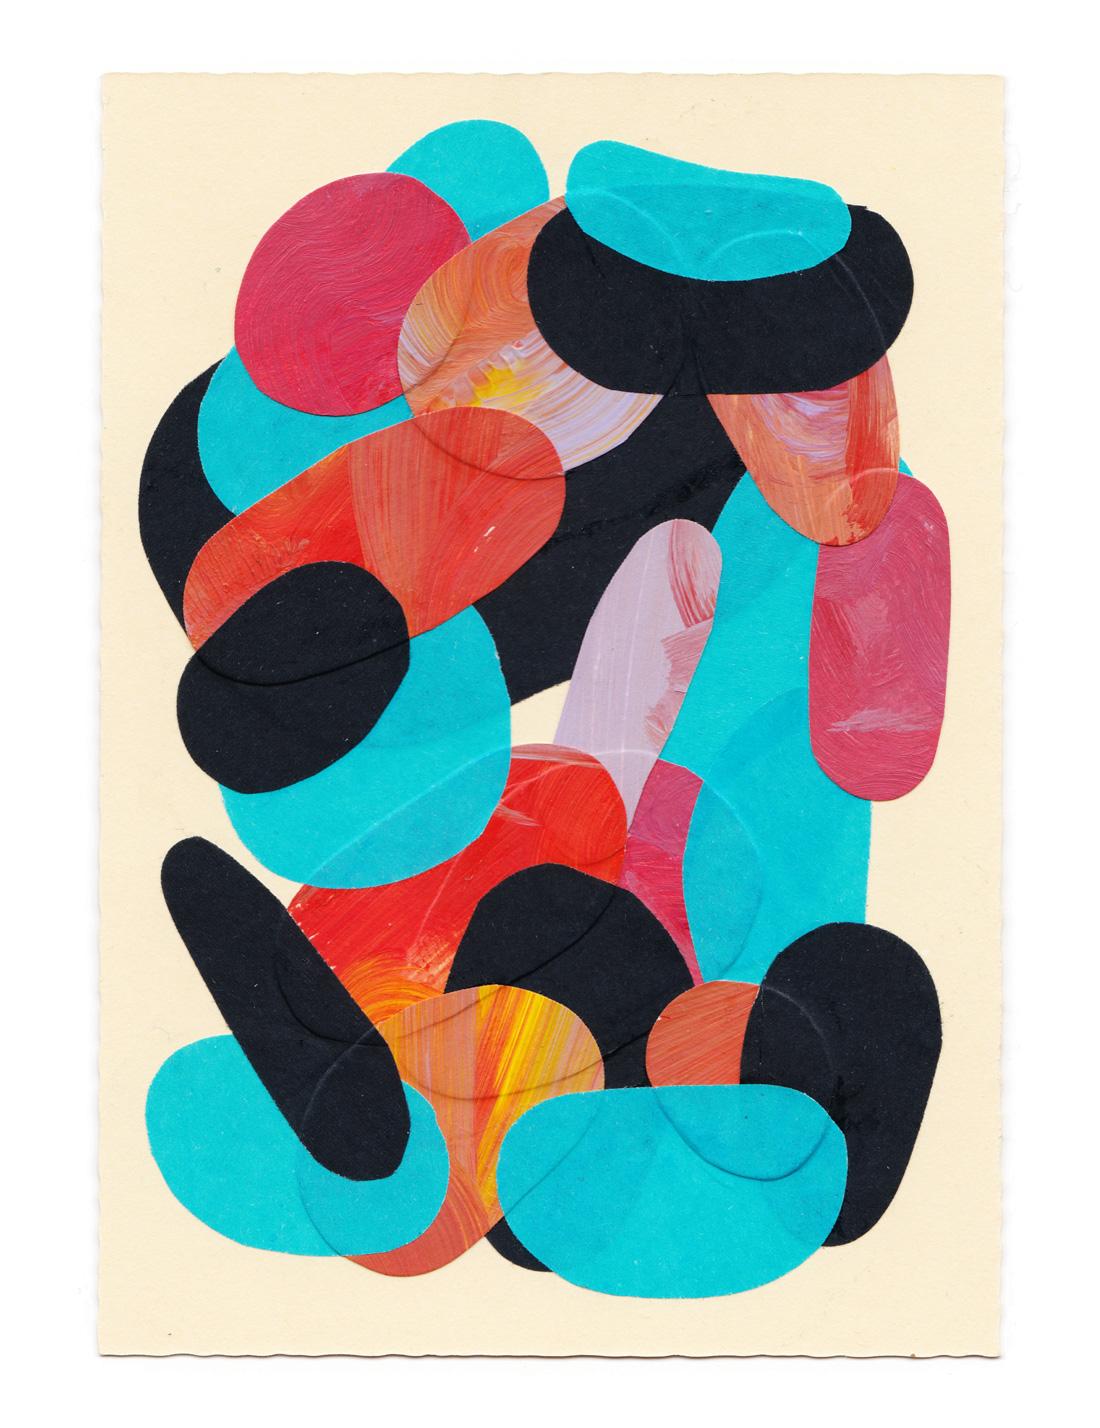 Petit collage de papier et peinture coloré orange rouge et noir sur fond jaune format A5